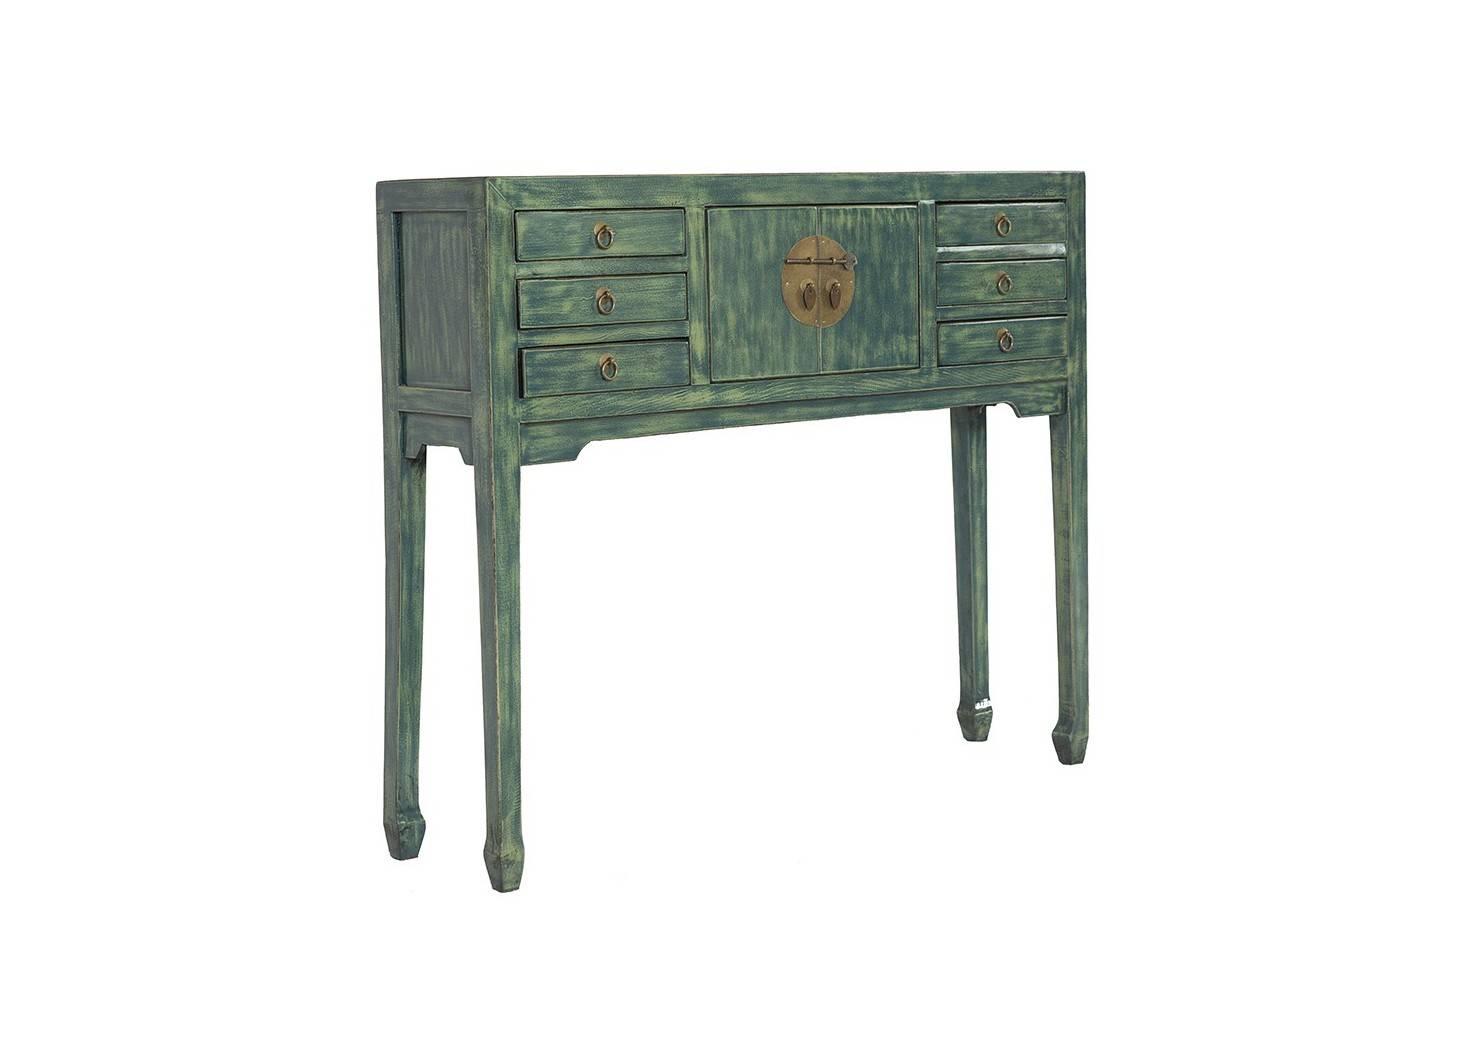 console 2 portes et 6 tiroirs en bois massif avec finition laqu e. Black Bedroom Furniture Sets. Home Design Ideas